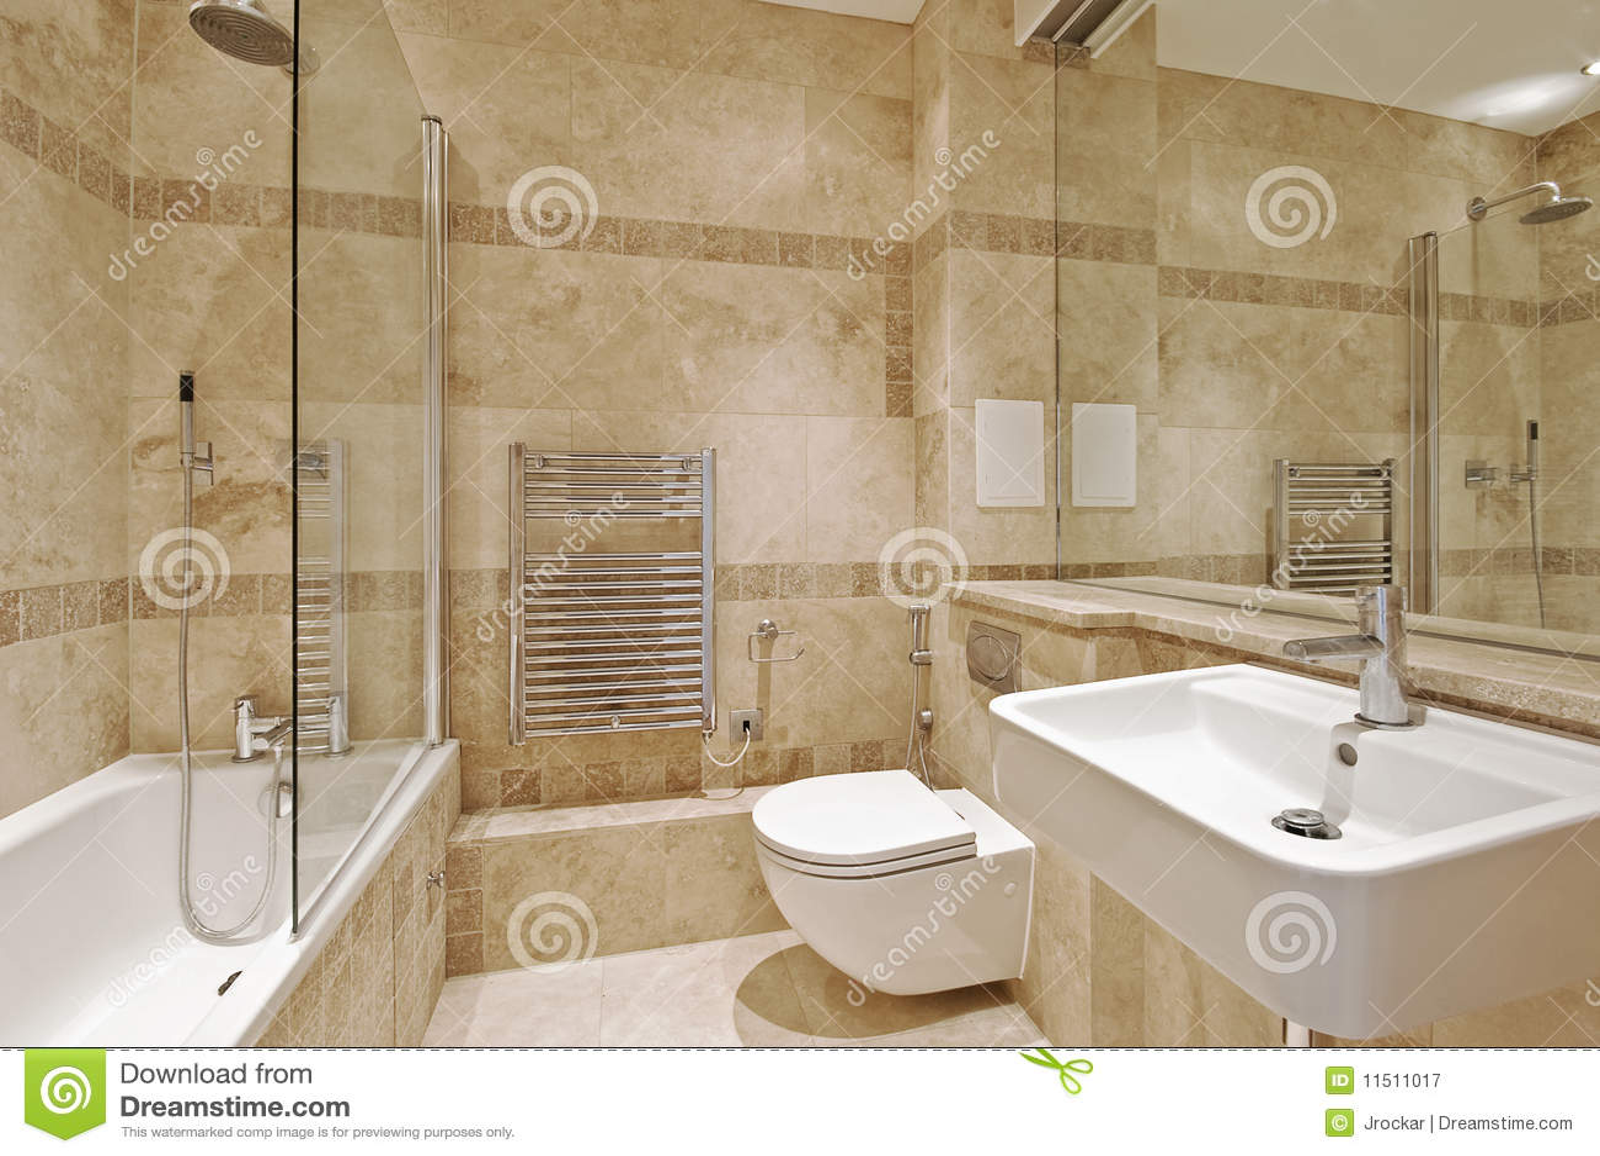 Cuarto de baño con mármol imagen de archivo. Imagen de mano - 11511017